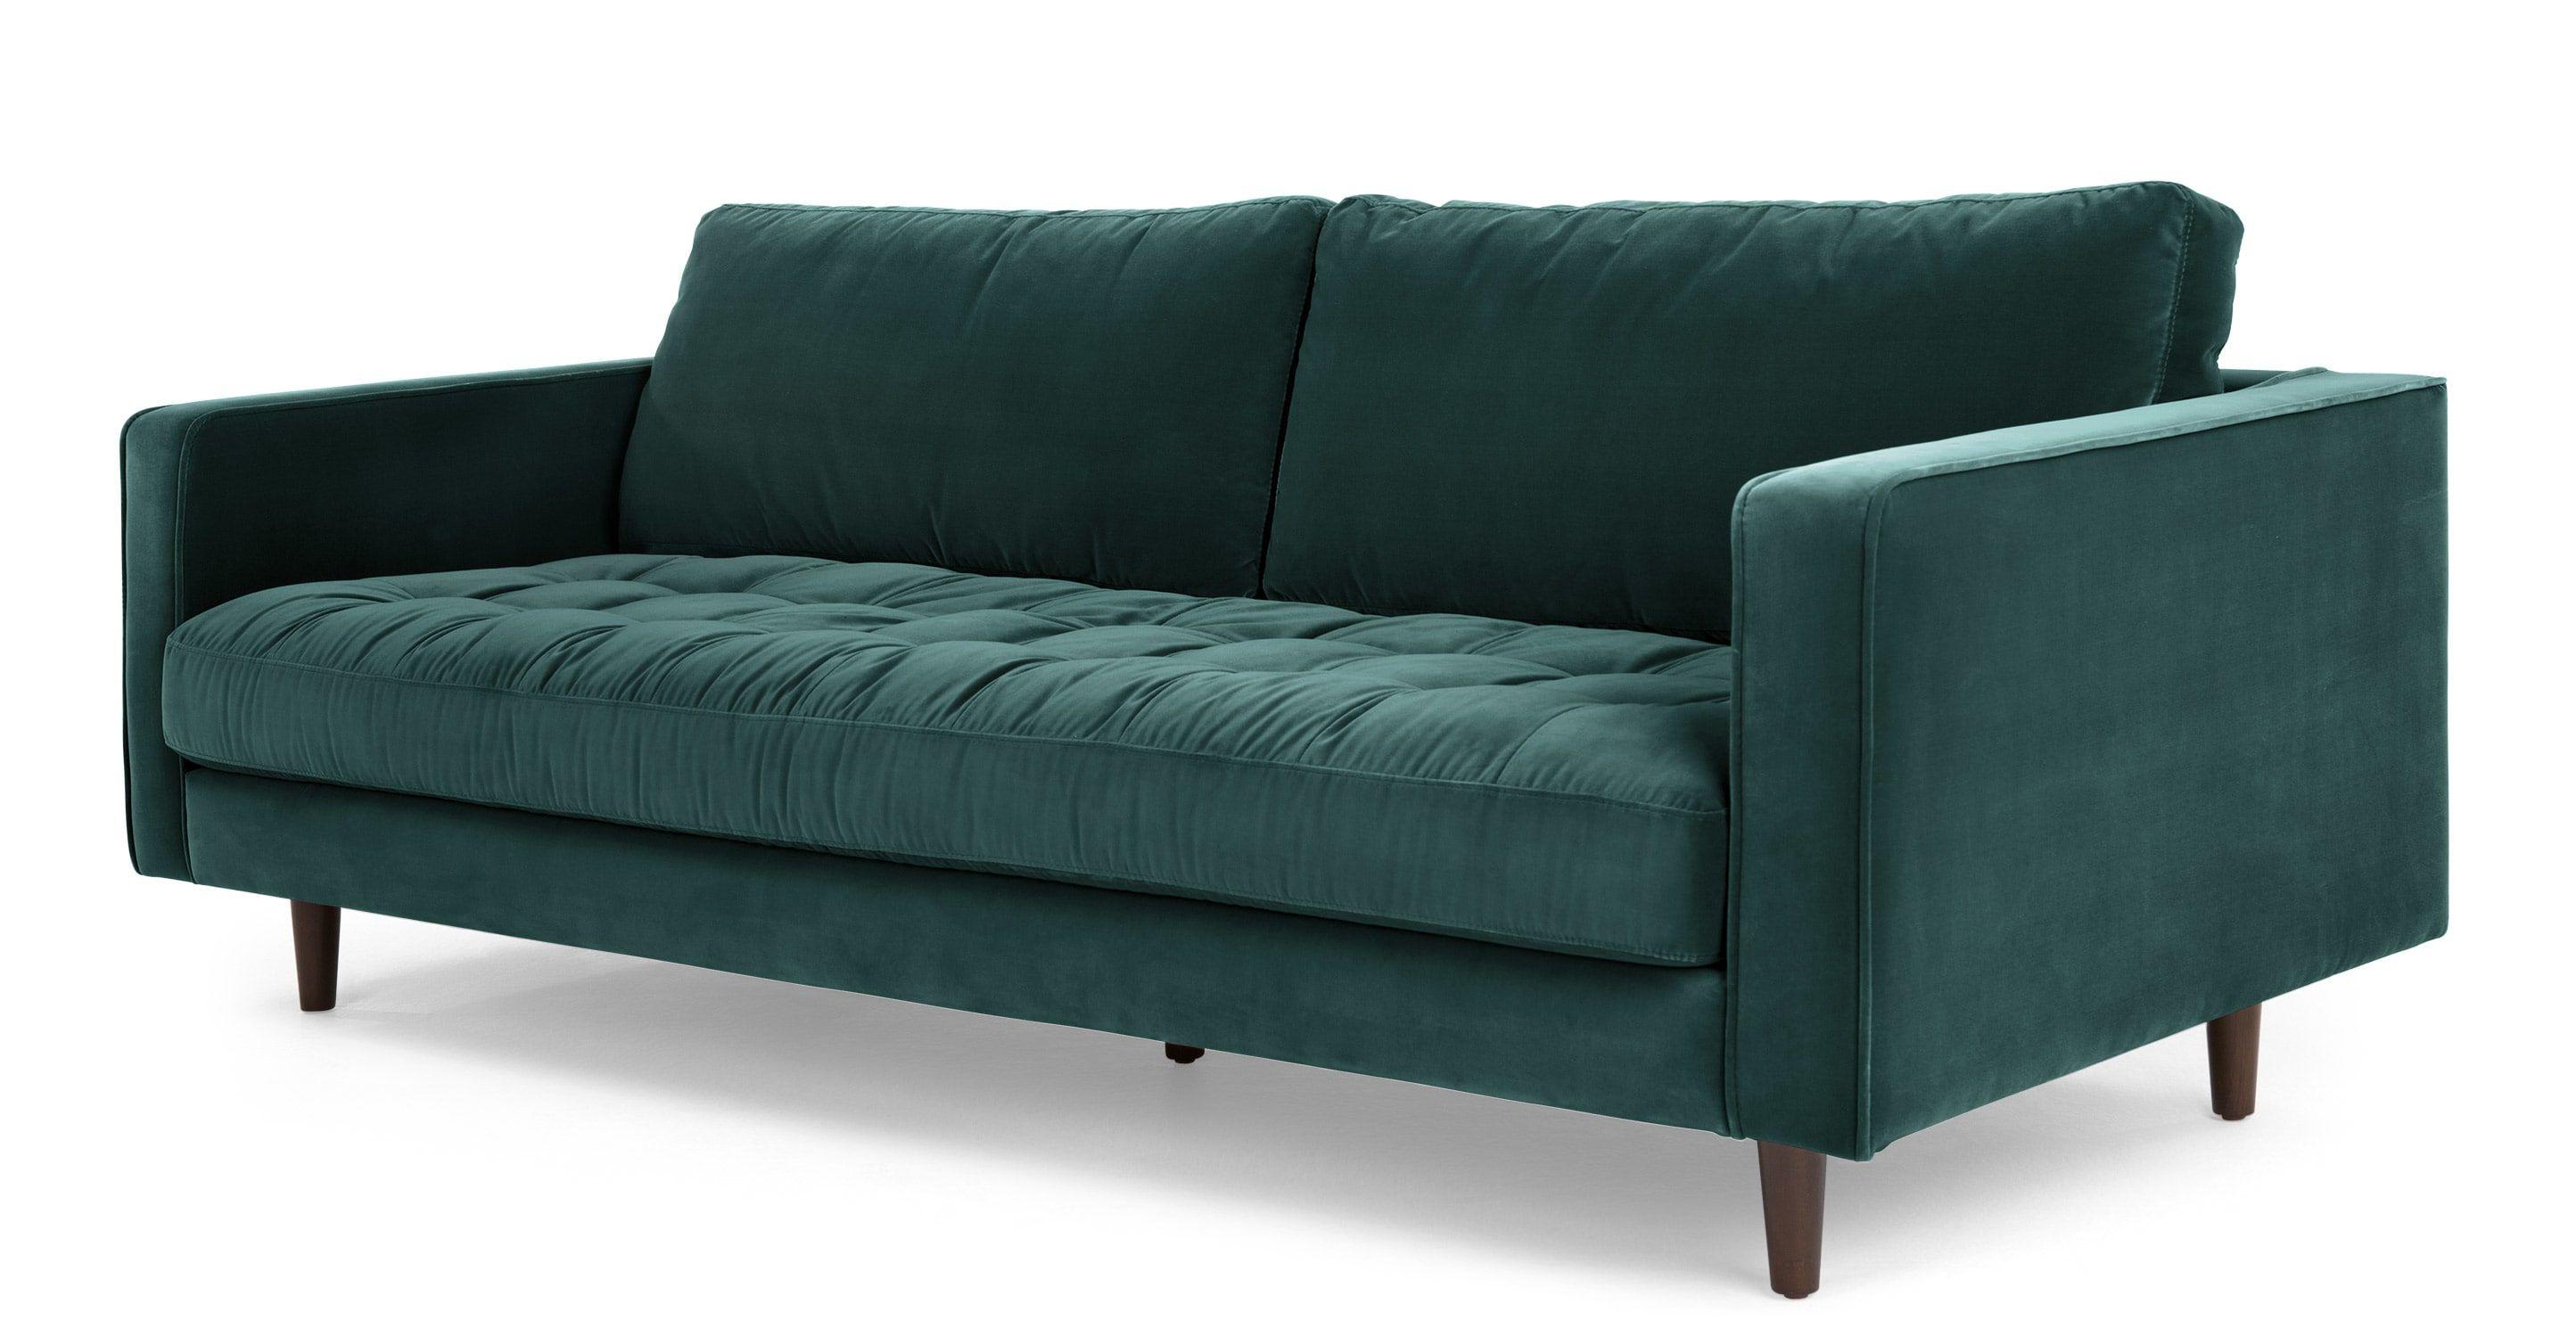 Scott 3 sitzer sofa samt in petrolgr n wohnzimmer for Sofa industriedesign